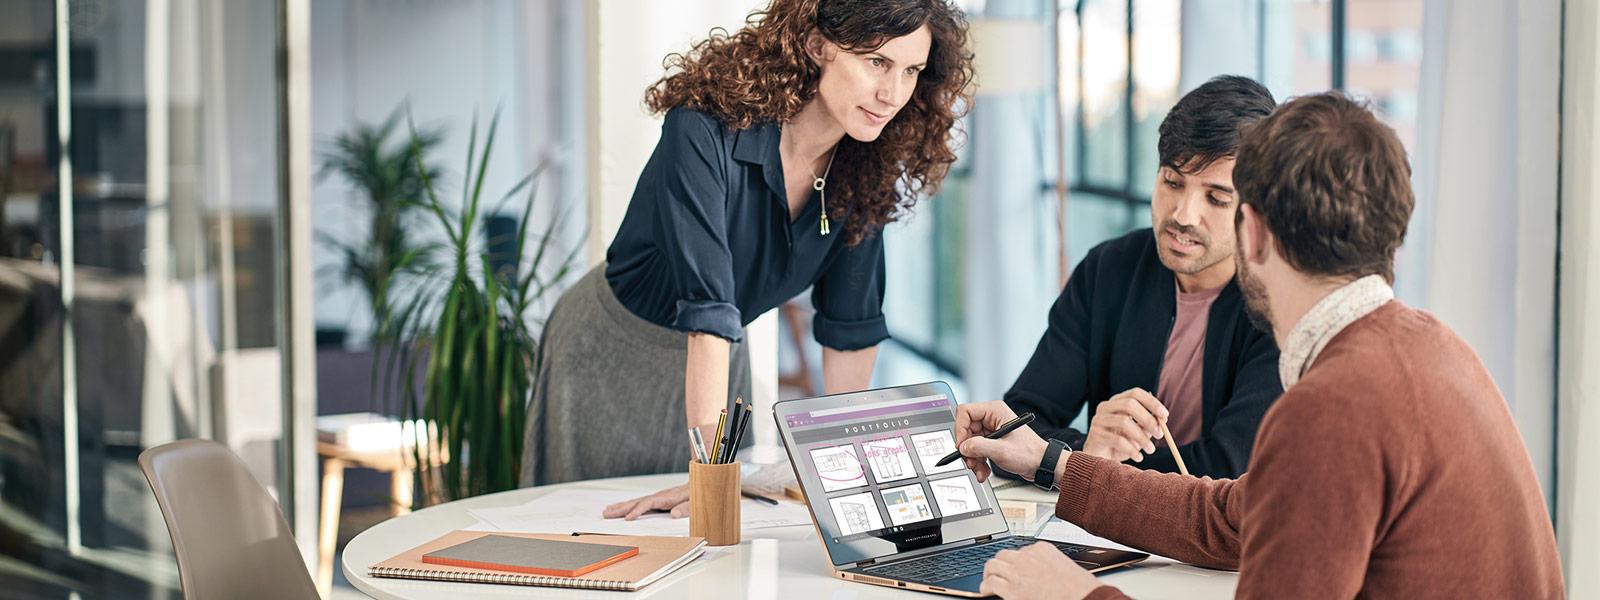 Zwei Männer sitzen an einem Tisch vor einem laptop und eine Frau steht daneben